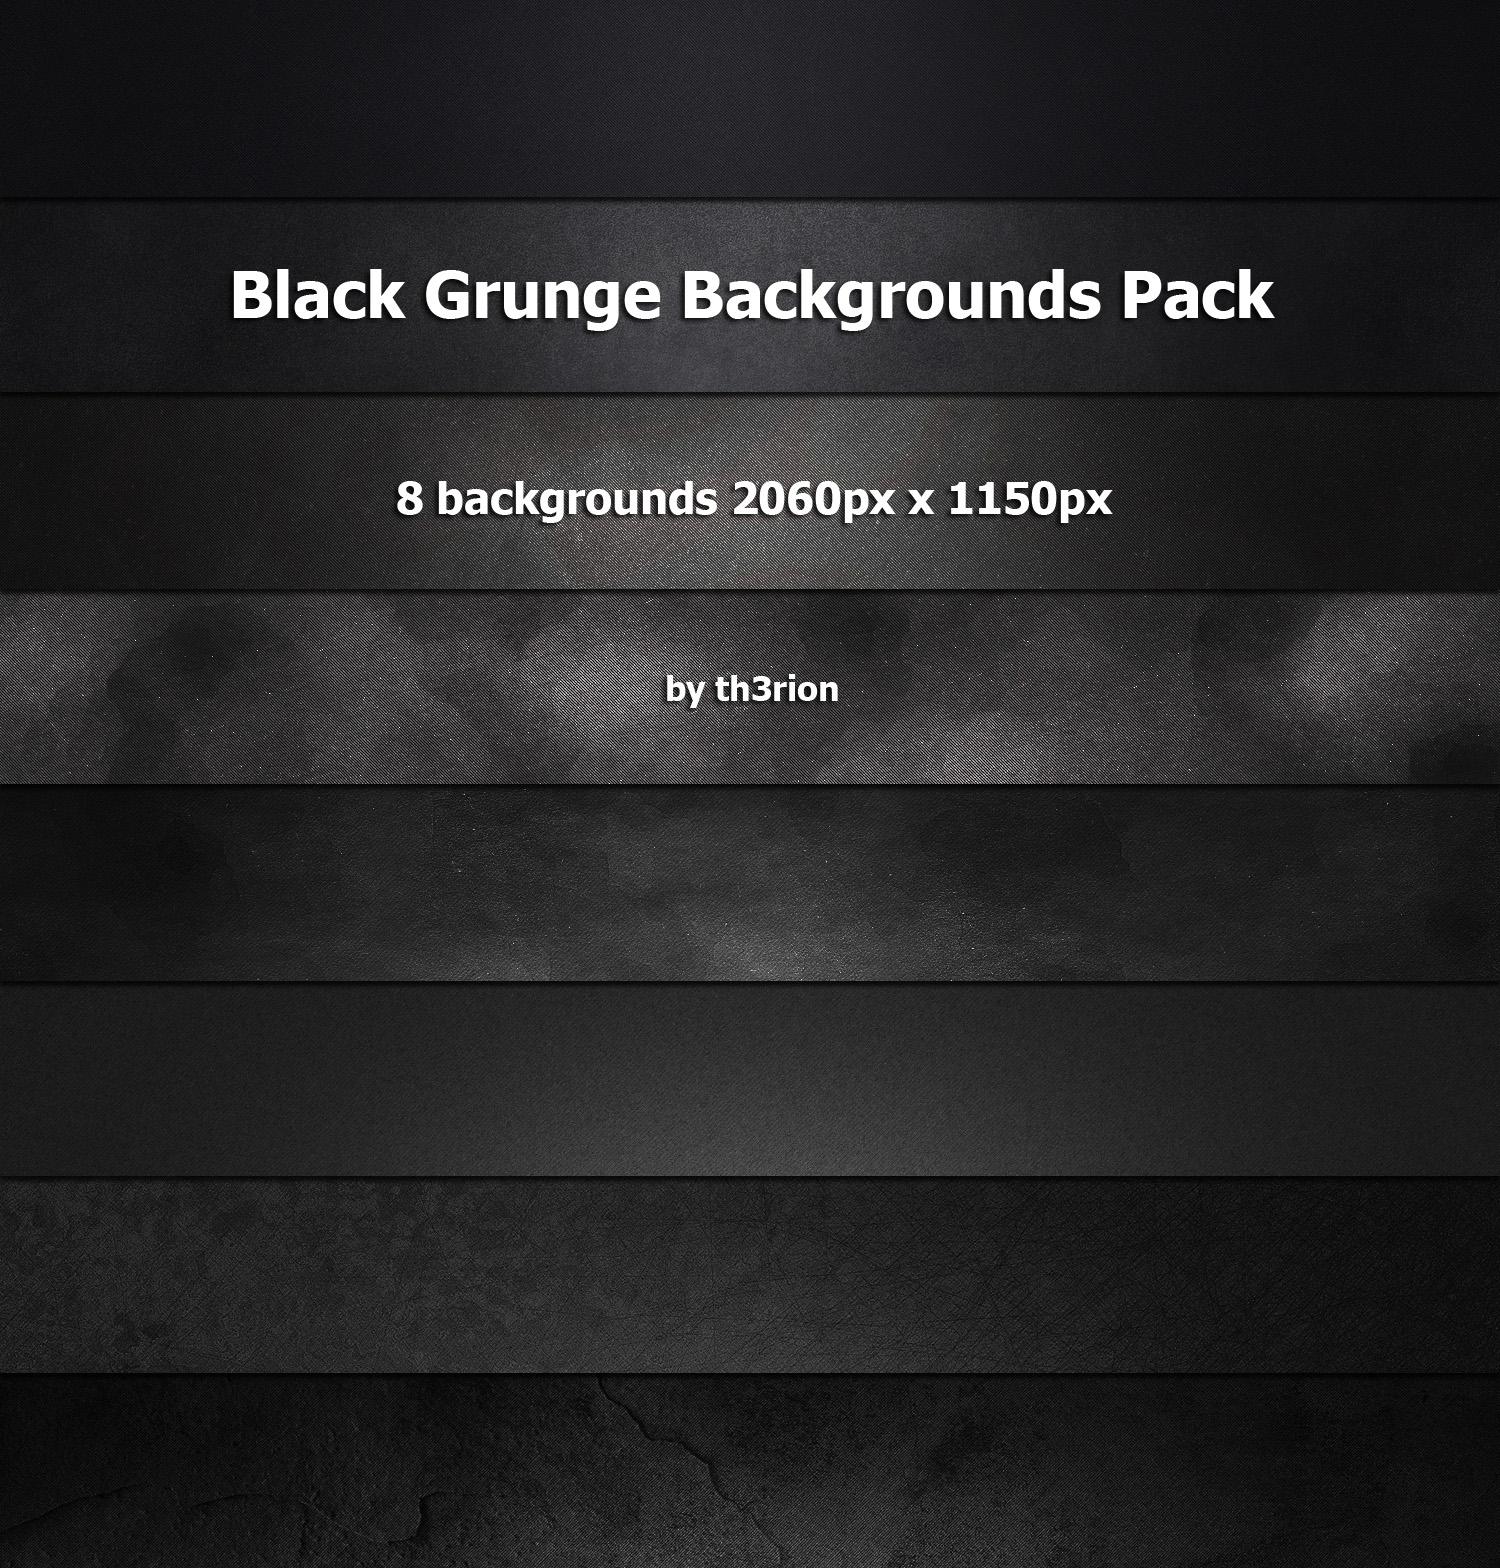 Black Grunge Backgrounds Pack